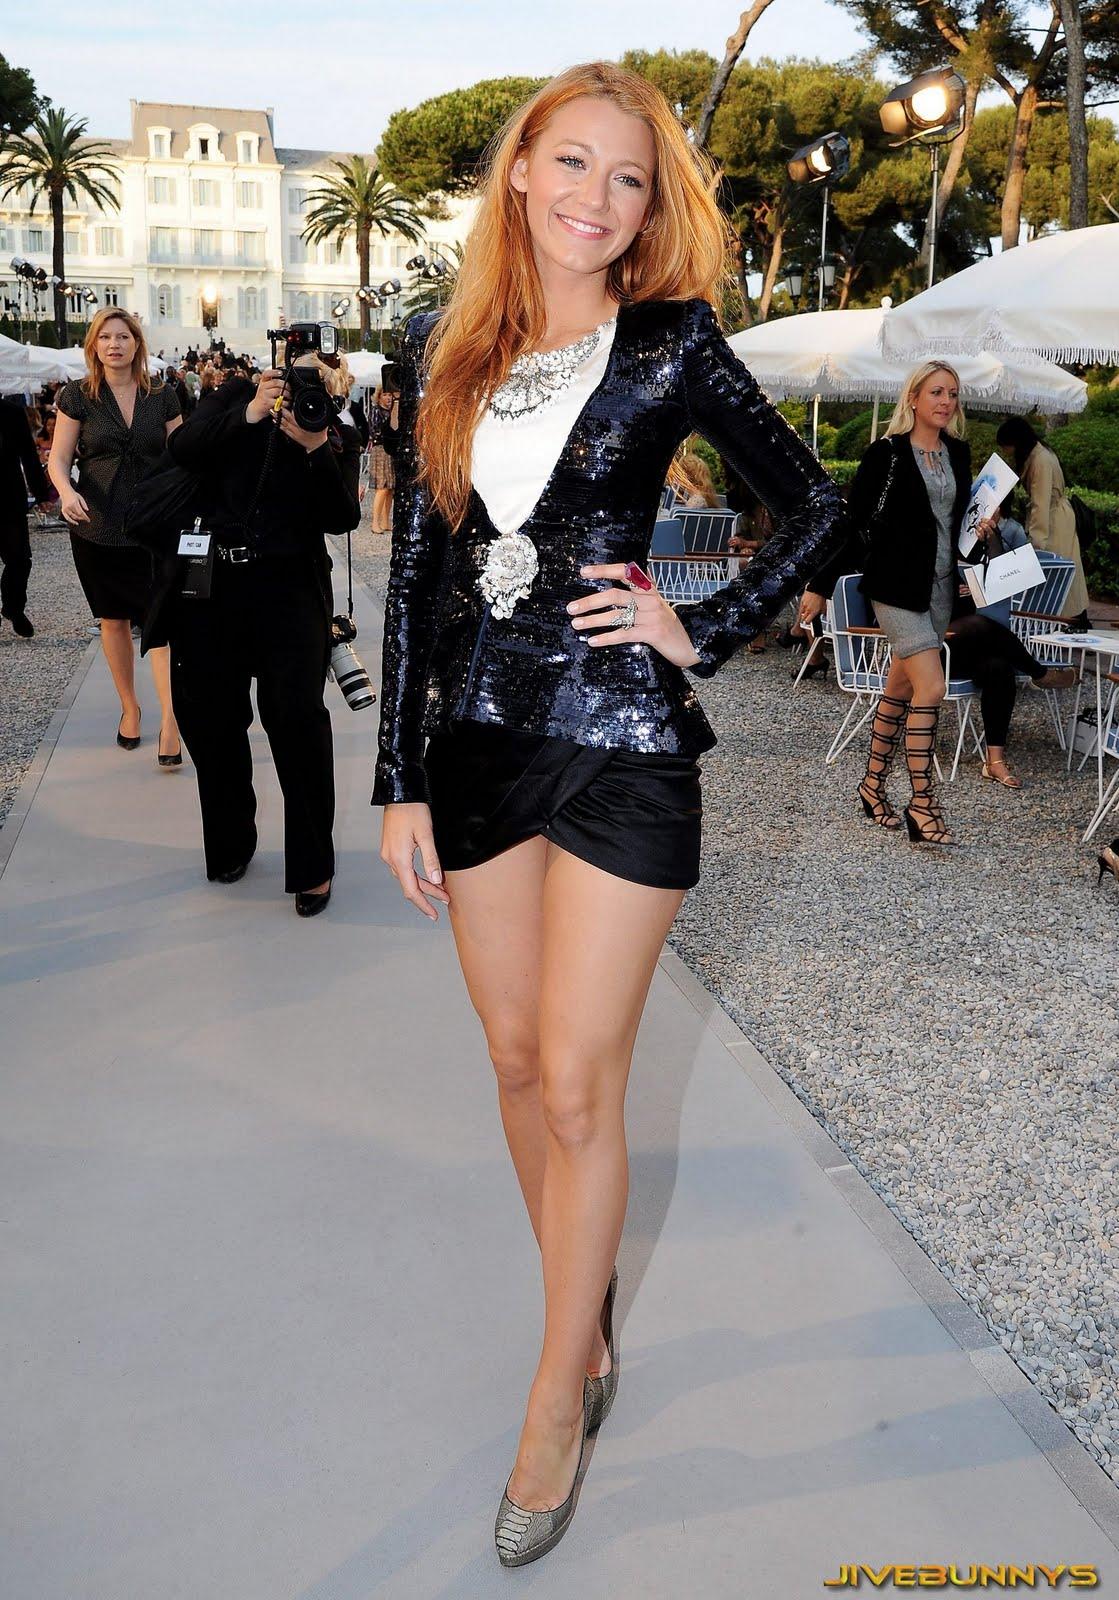 blake-lively-legs-celebrity-223.jpg